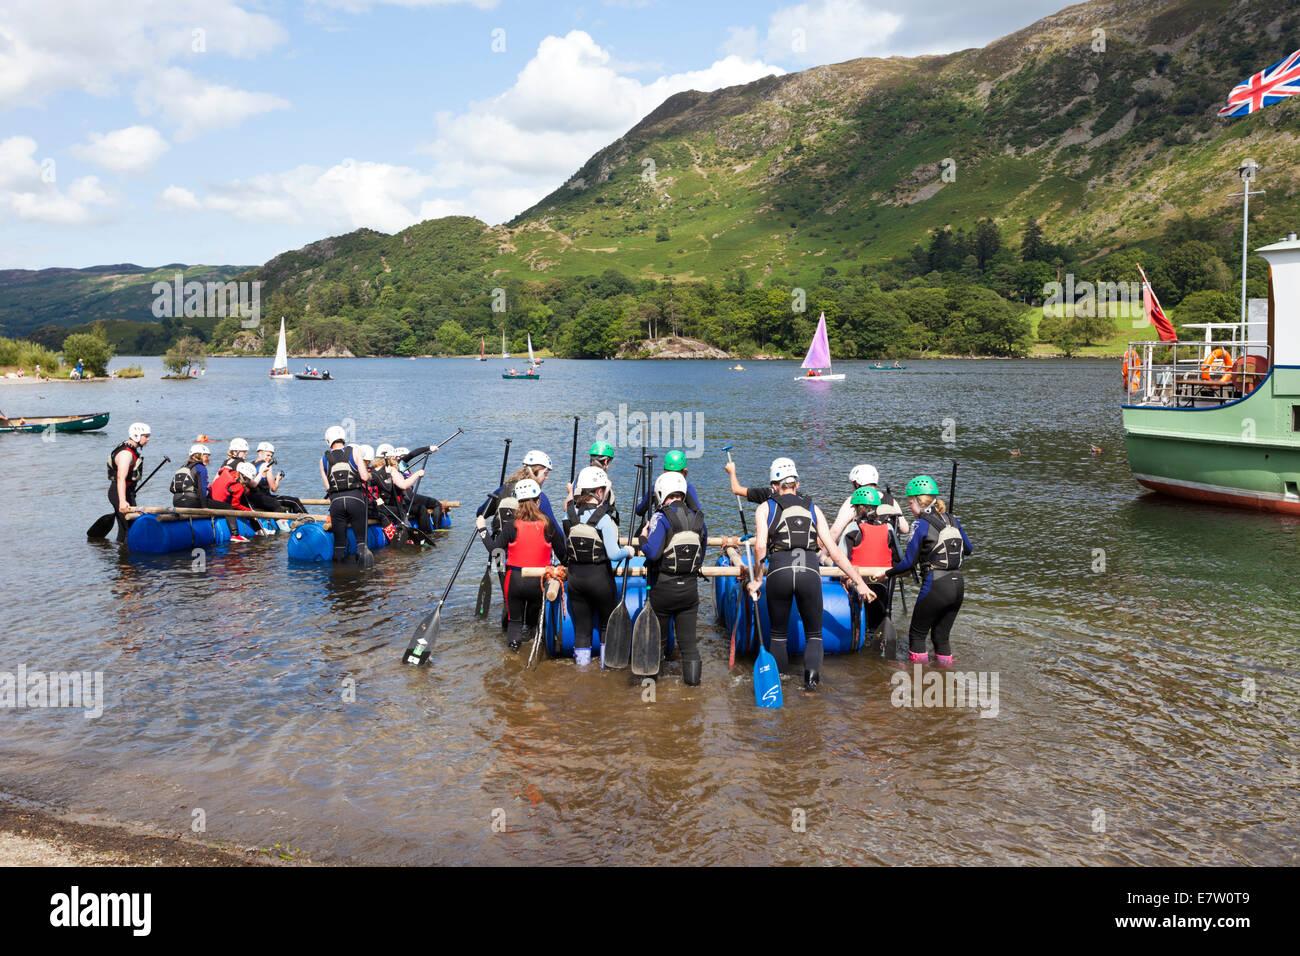 die englischen lake district - ein junger menschen gruppe floß bauen